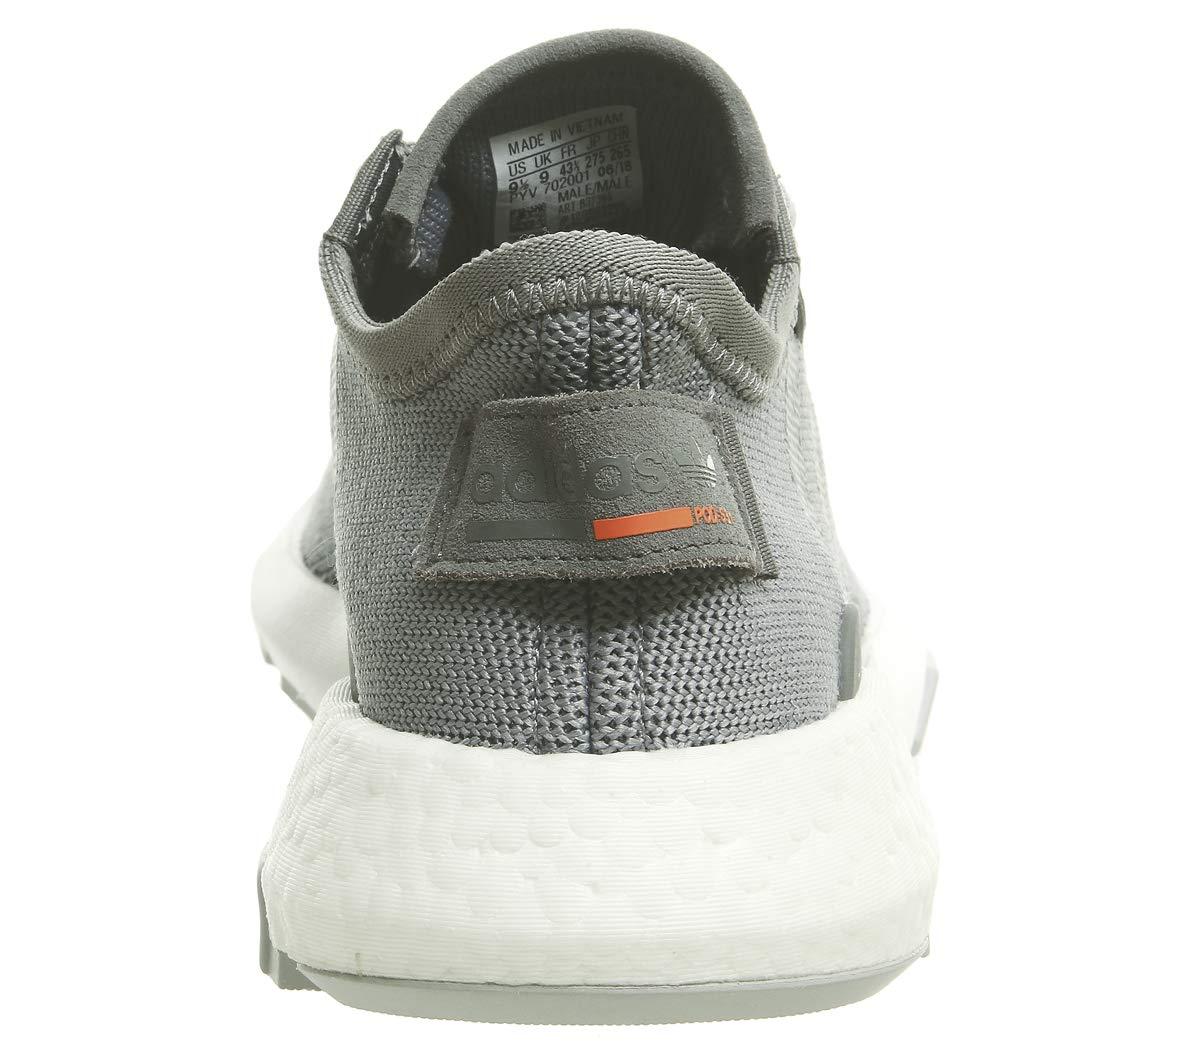 adidas Pod-s3.1, Scarpe da Fitness Uomo, EU 8 spesavip